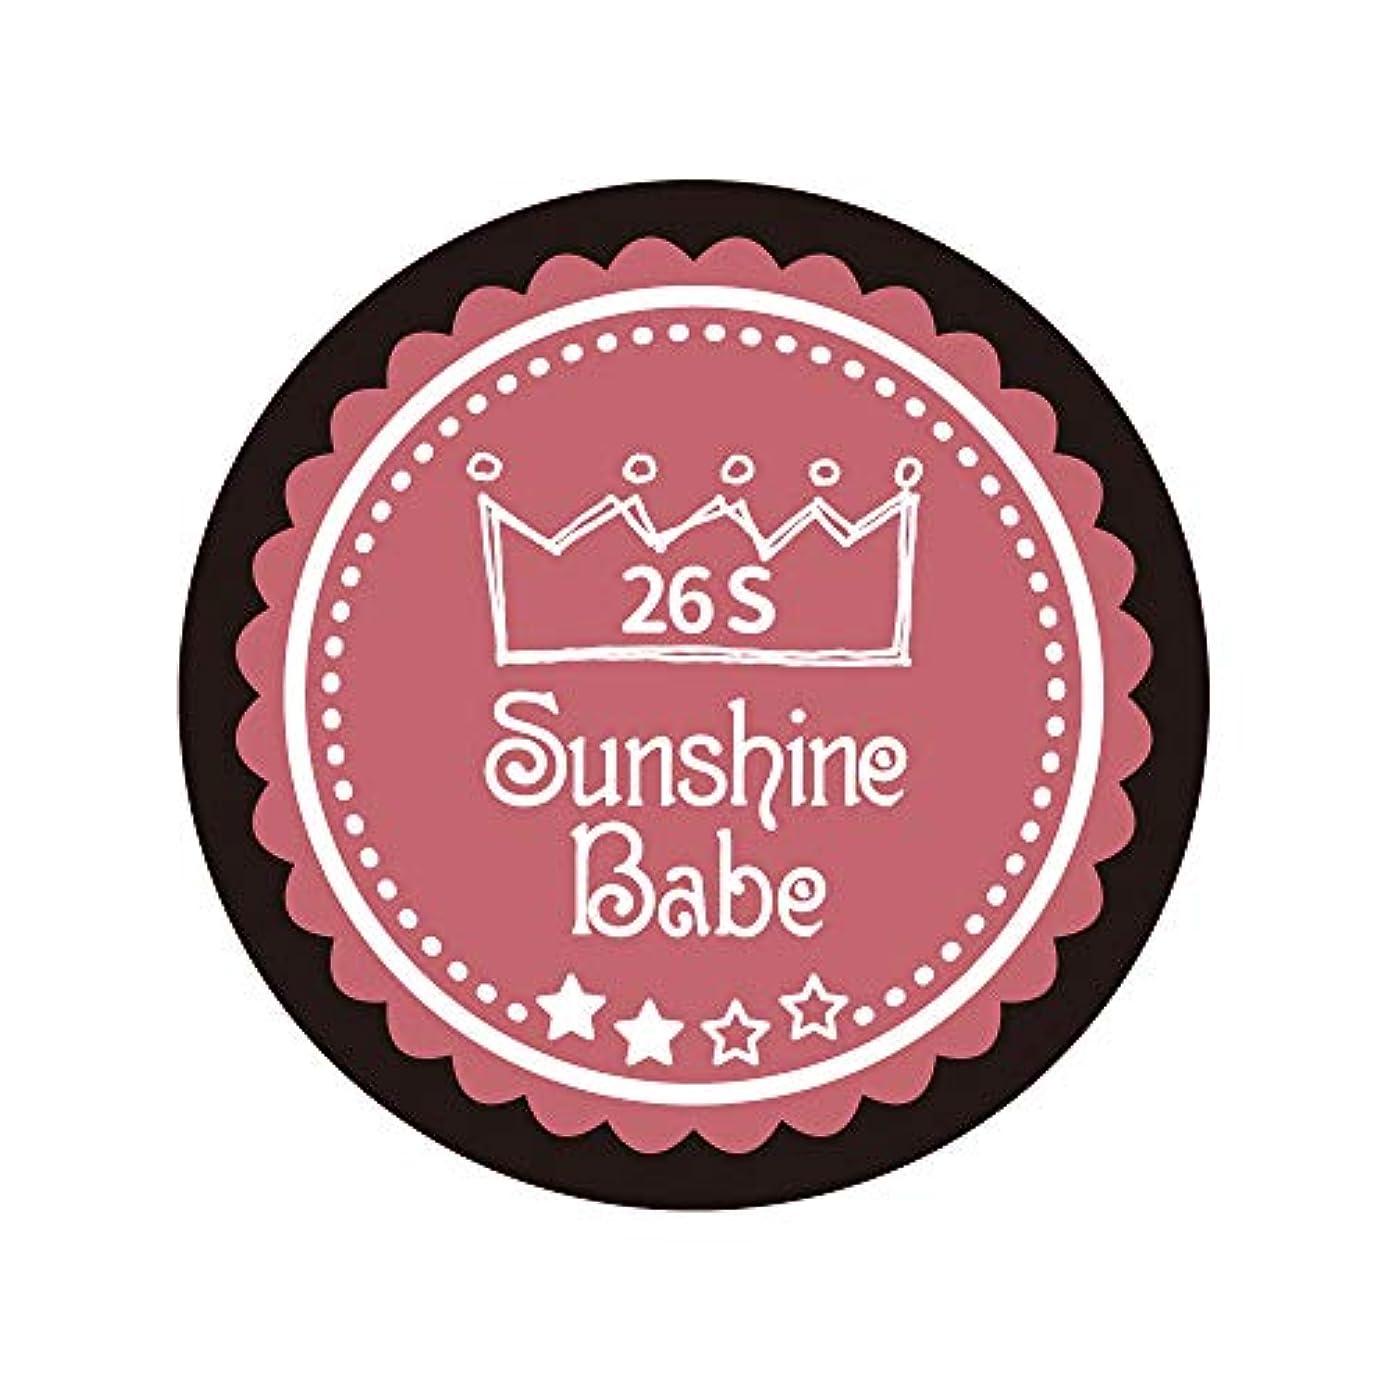 アセ電気技師運搬Sunshine Babe カラージェル 26S ダスティローズ 2.7g UV/LED対応